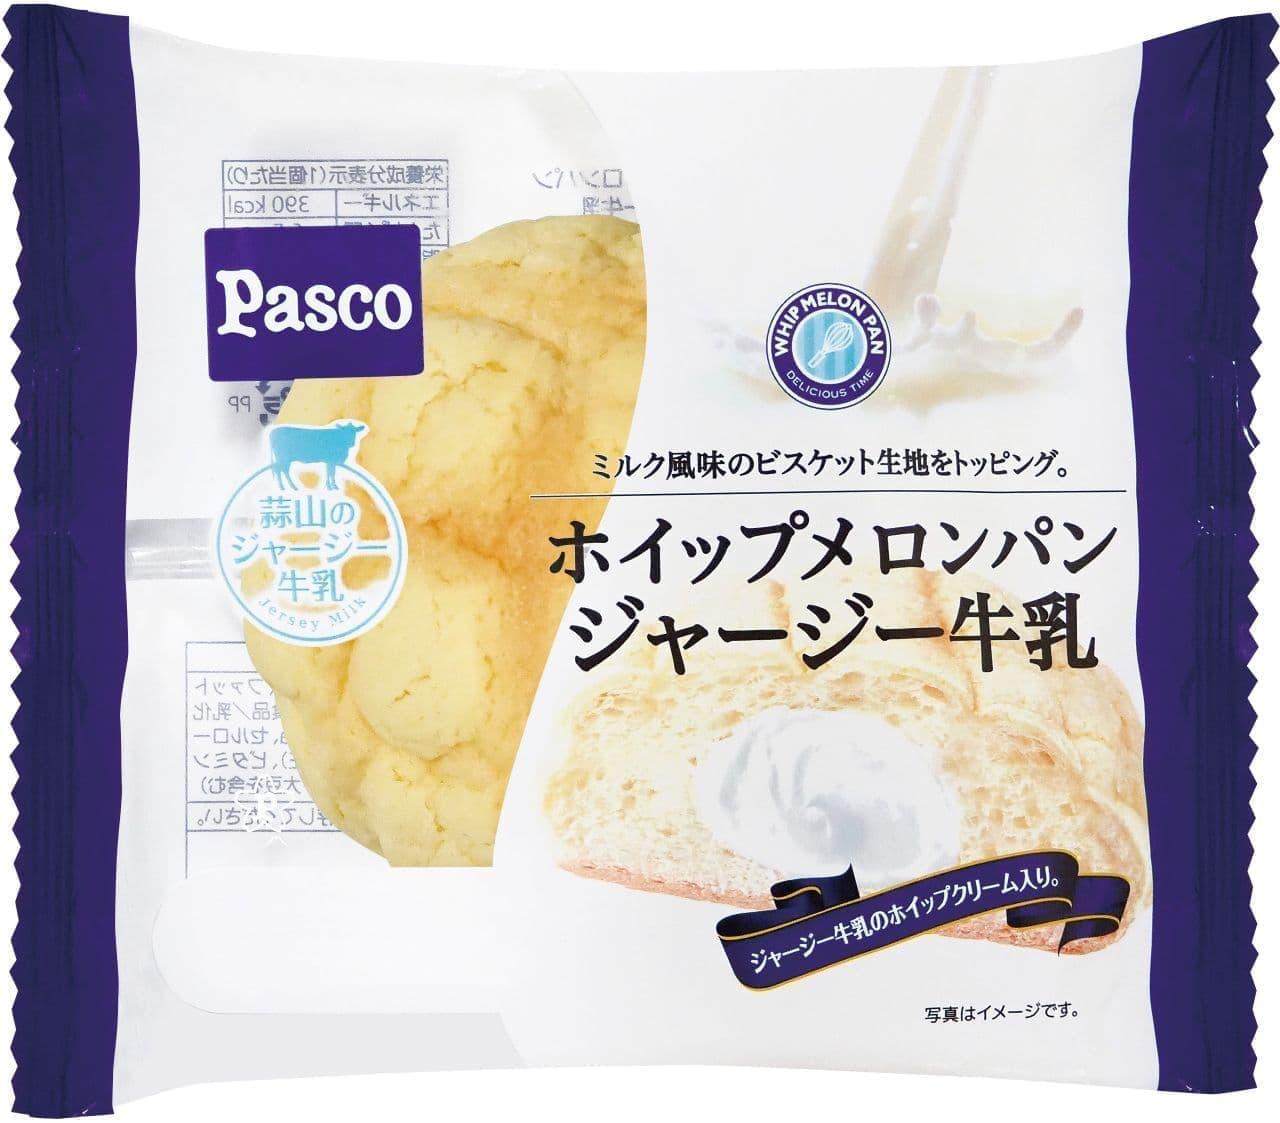 パスコ「ホイップメロンパン ジャージー牛乳」